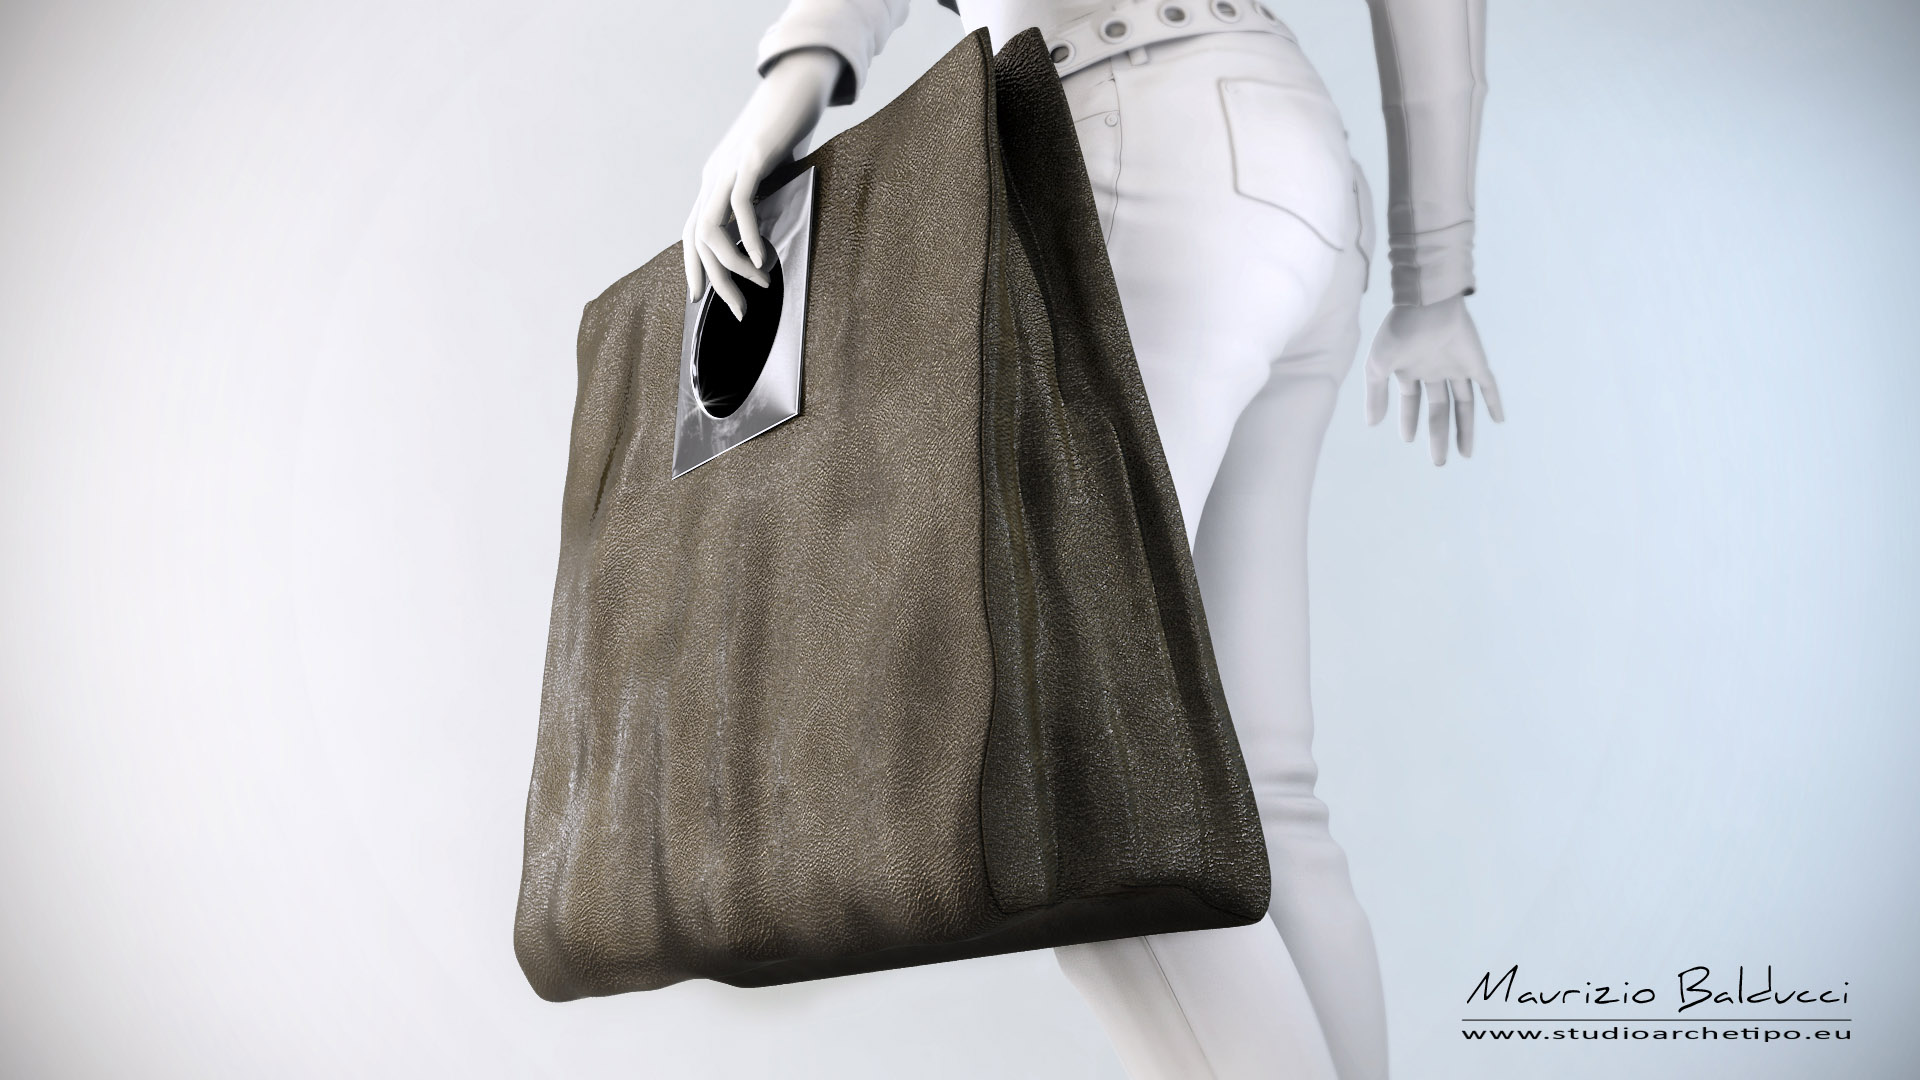 Maurizio Balducci Artista Contemporaneo Moda Design